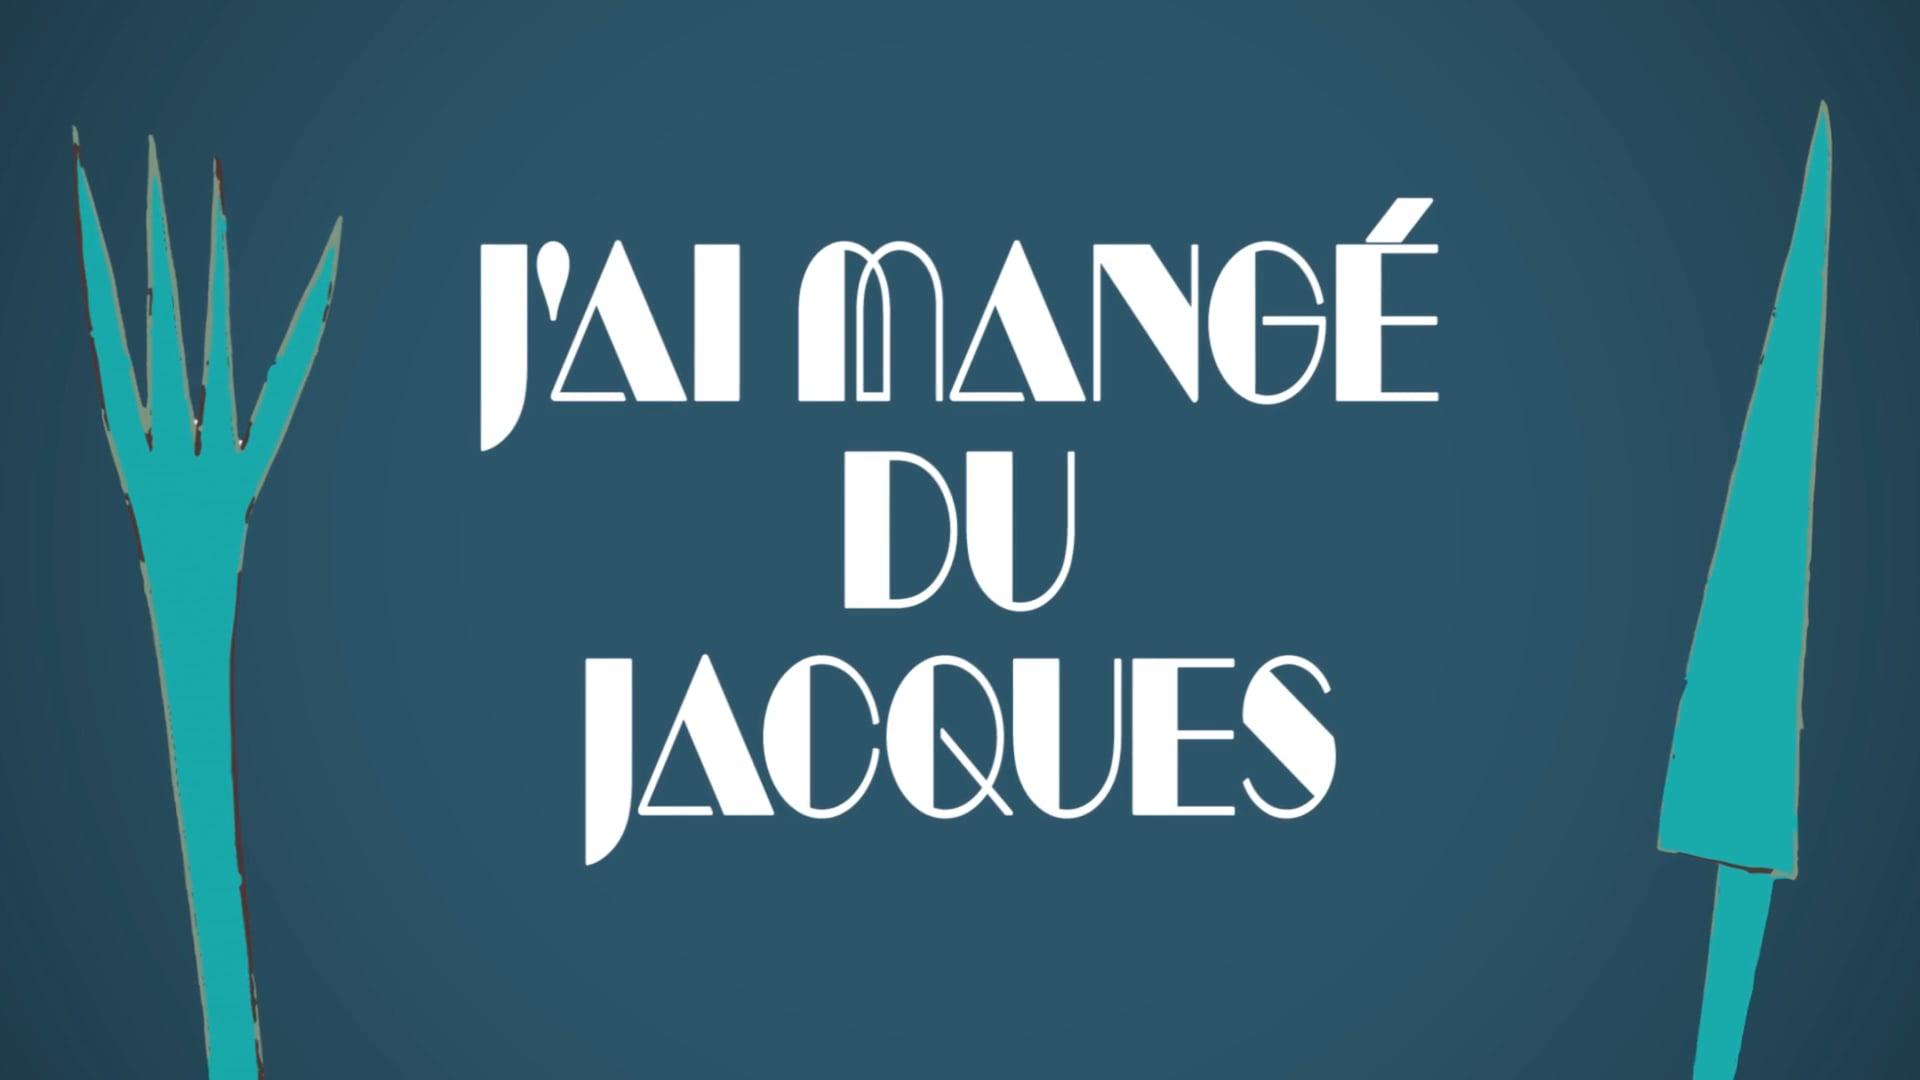 J'ai mangé du Jacques